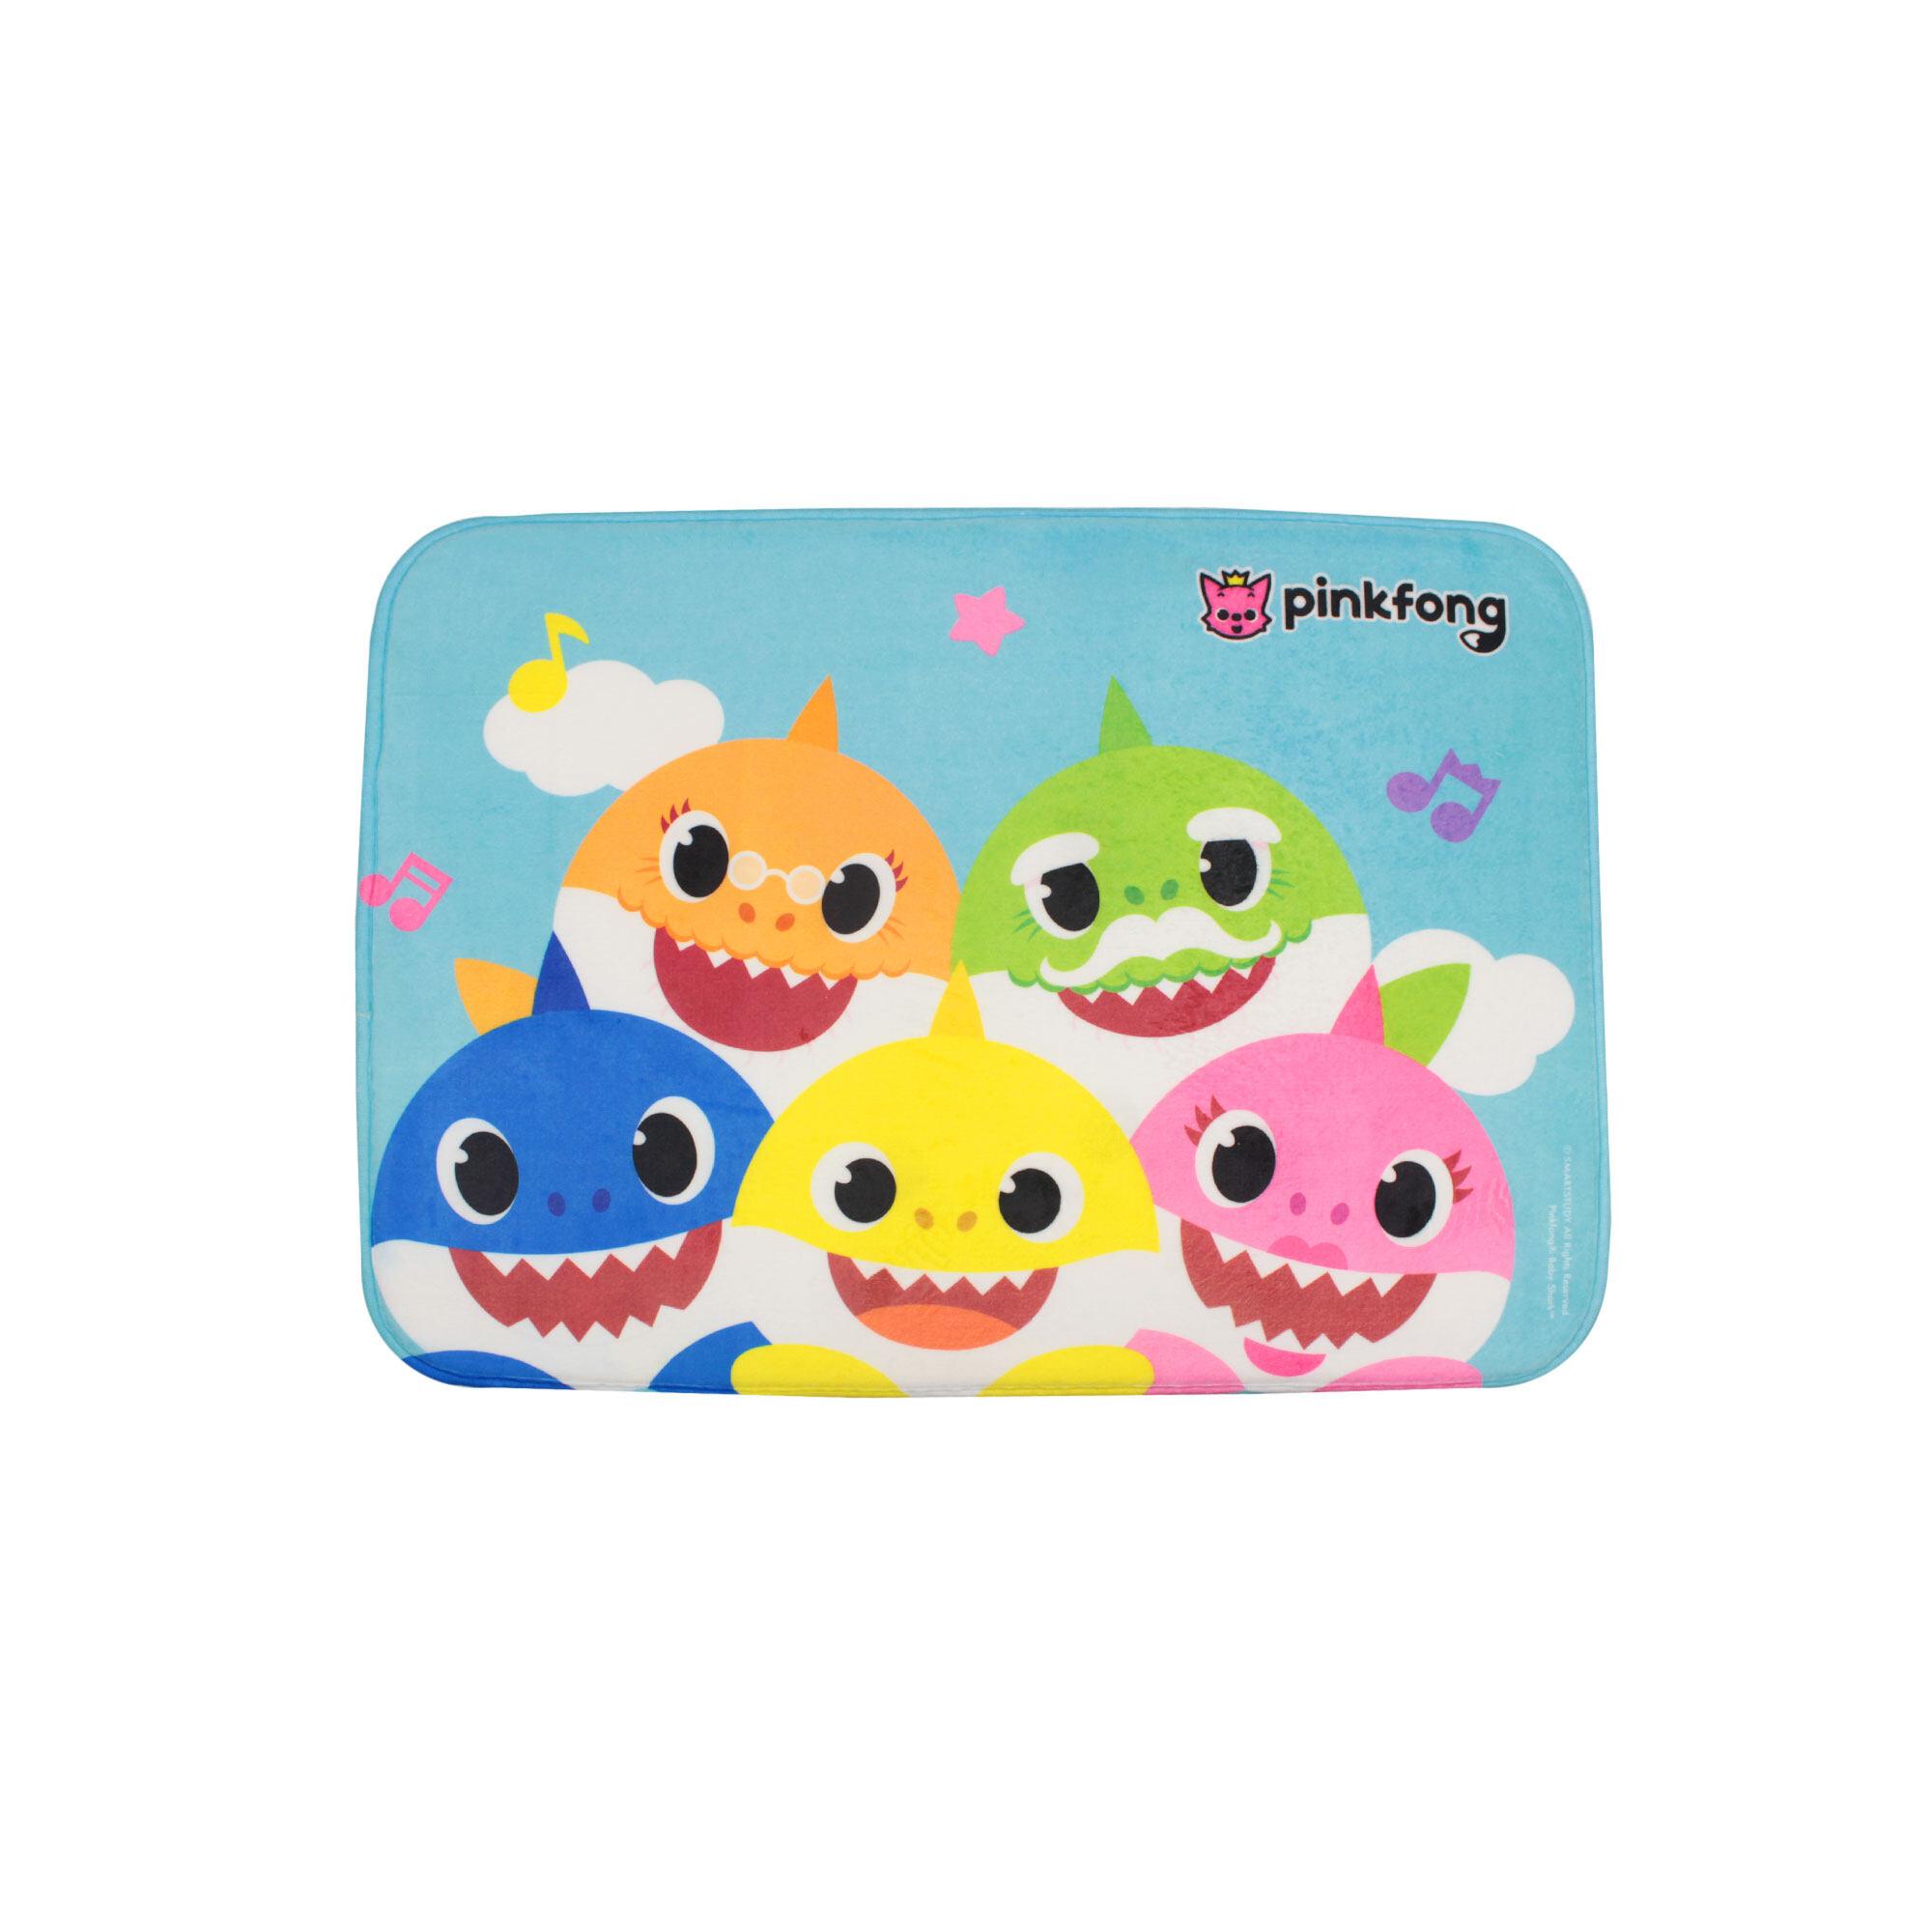 Pinkfong Baby Shark Family Children Floor Mat